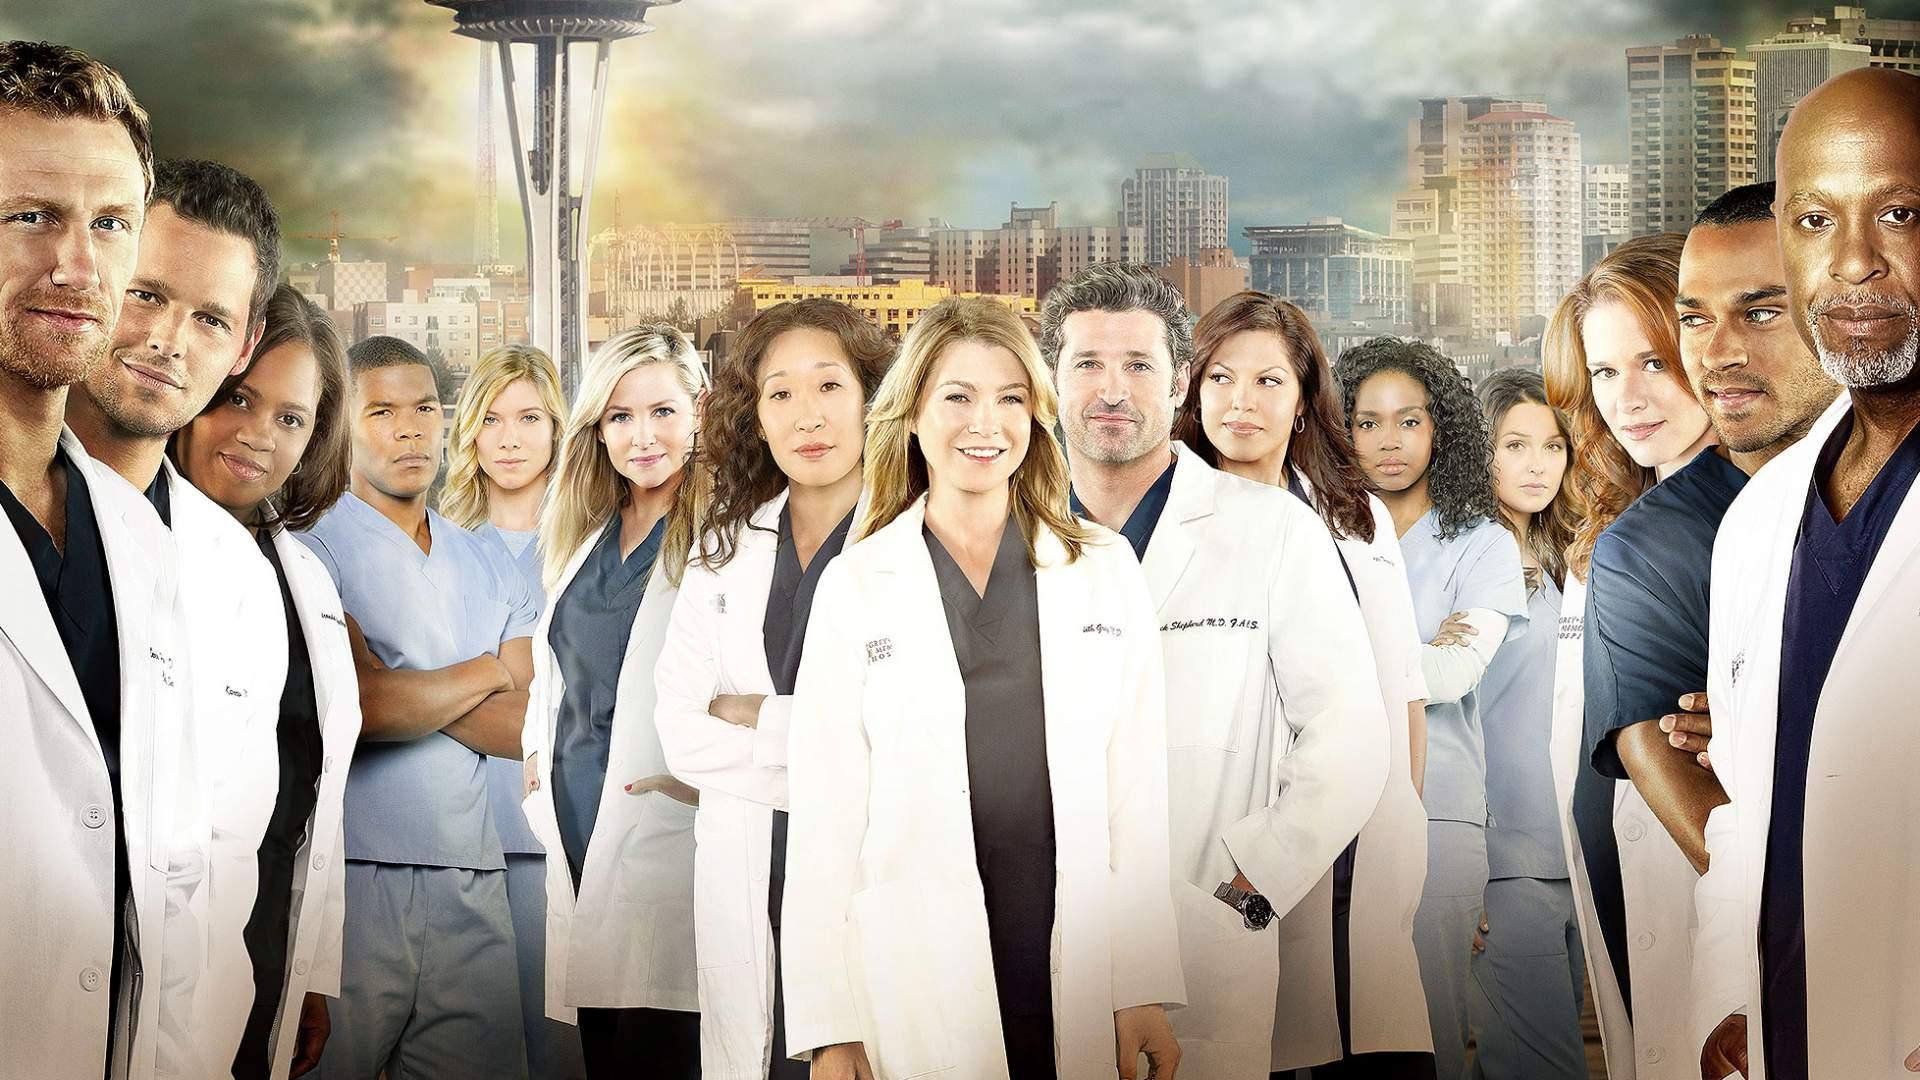 GEFEUERT: Beliebte Ärztin verlässt 'Grey's Anatomy' in Staffel 16 für immer